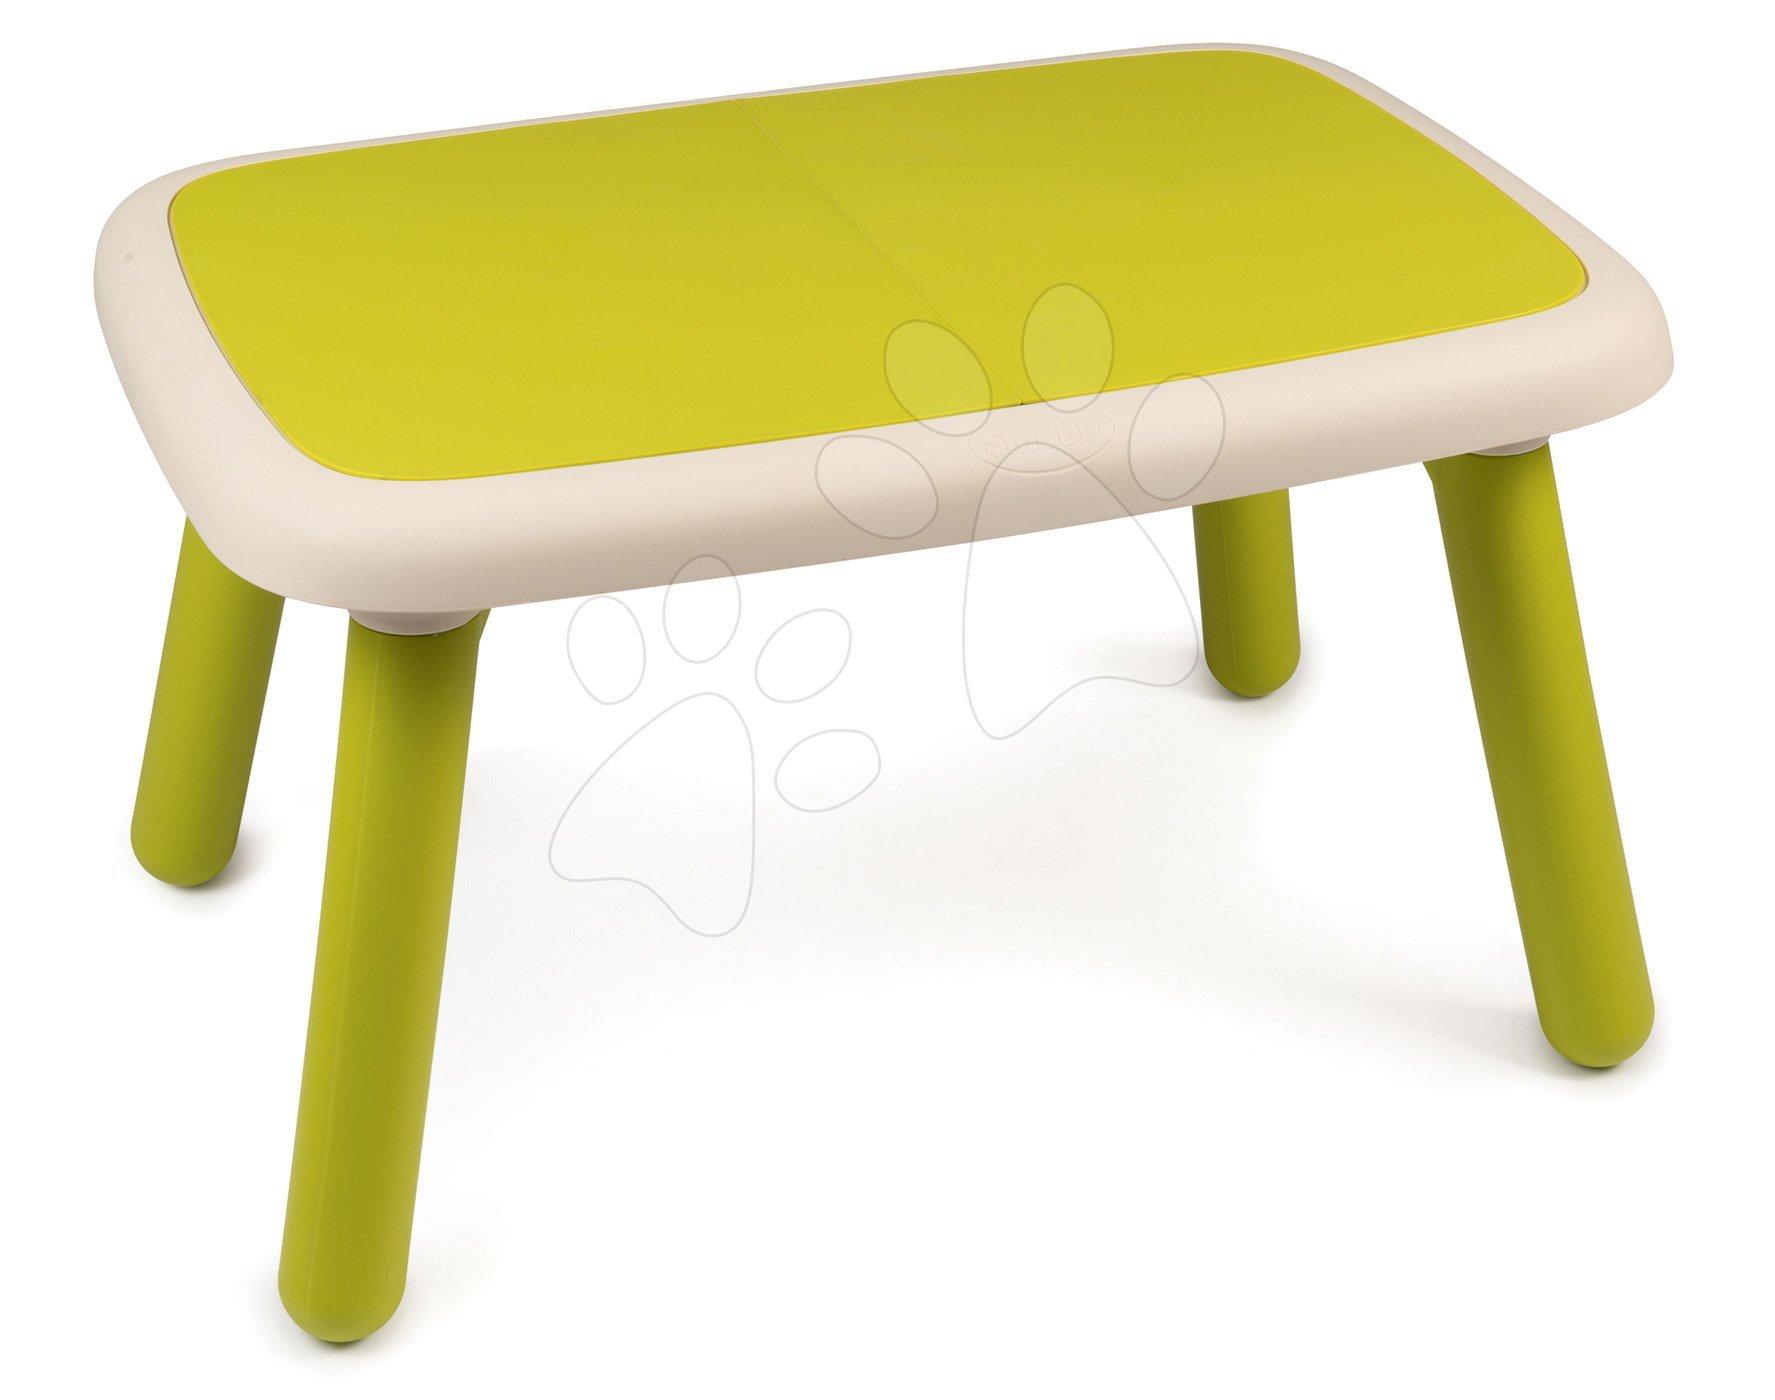 Smoby stôl pre deti KidTable zelený s UV filtrom 880401